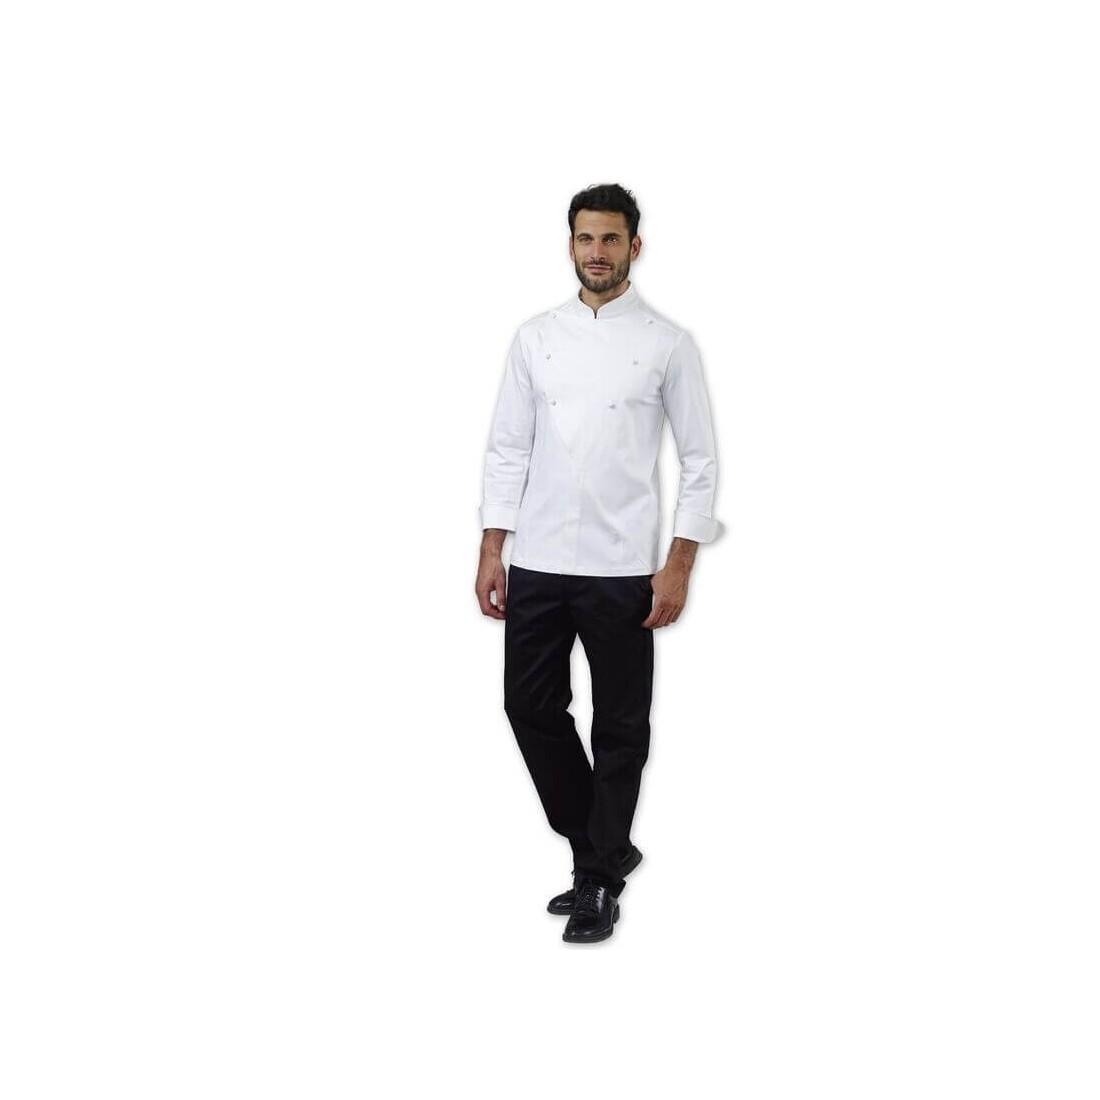 Chaqueta de cocinero blanca modelo Lanny